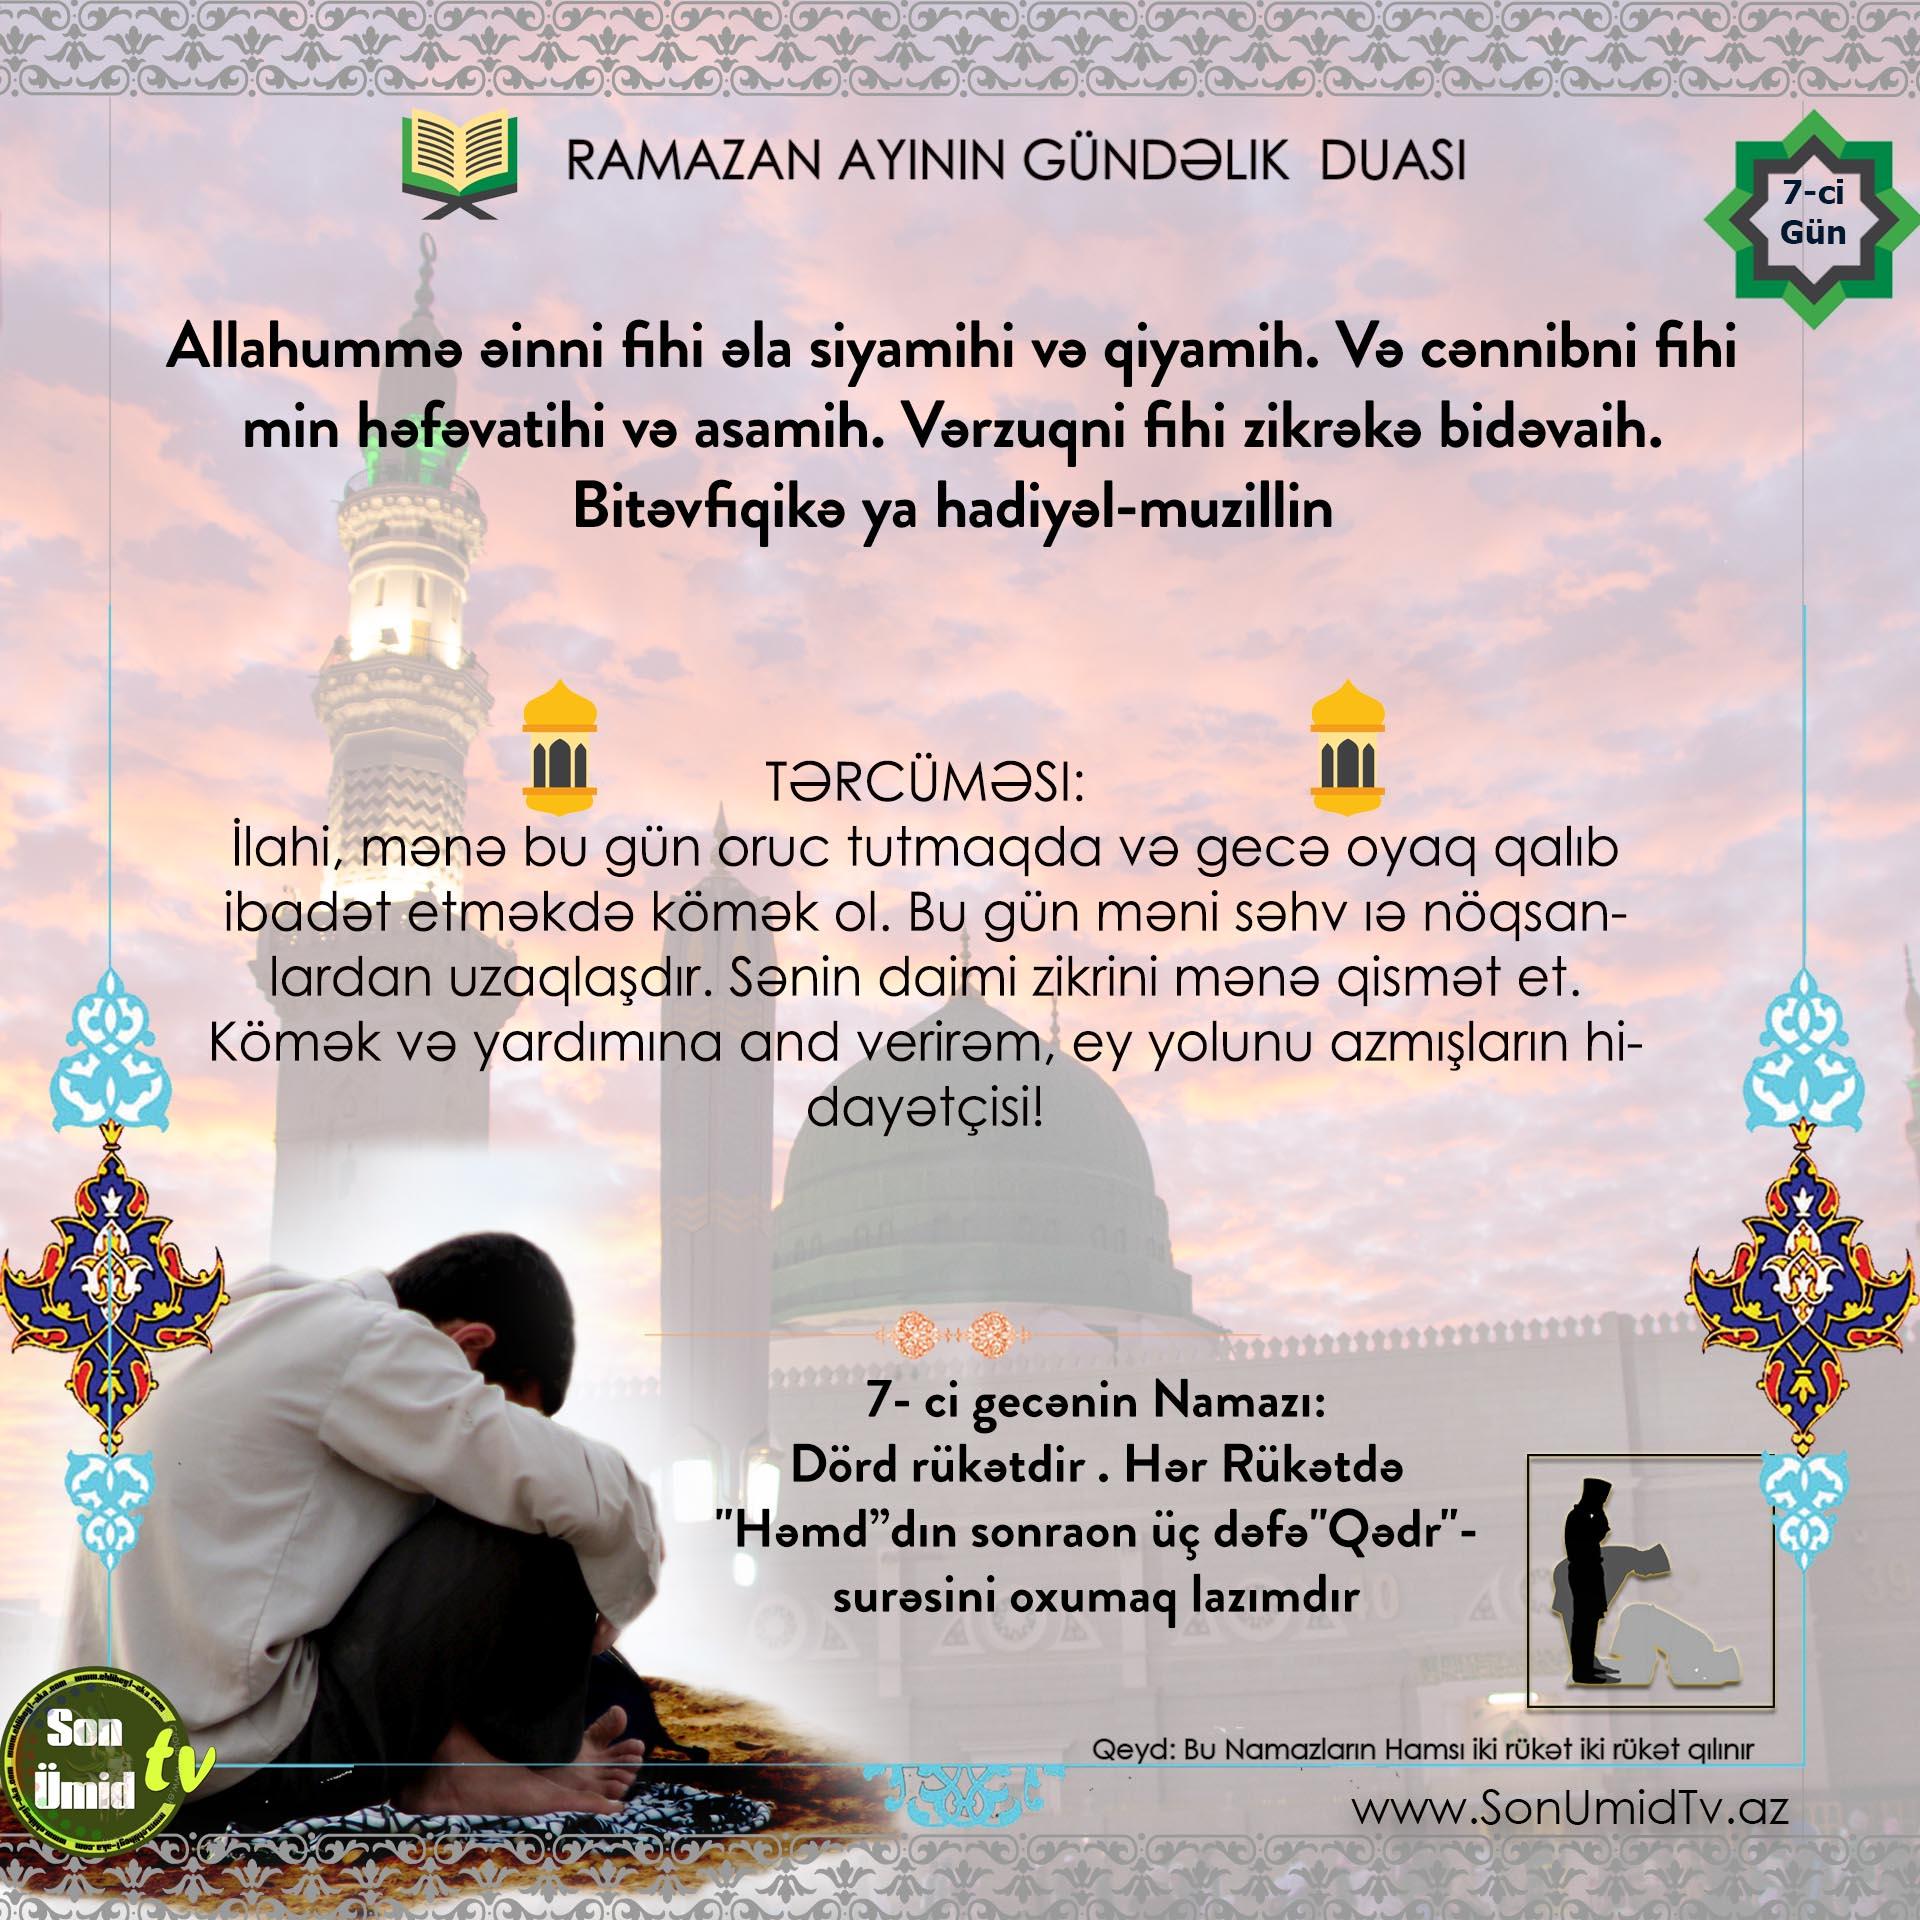 Ramazan  7-ci gününün duası və Namazı